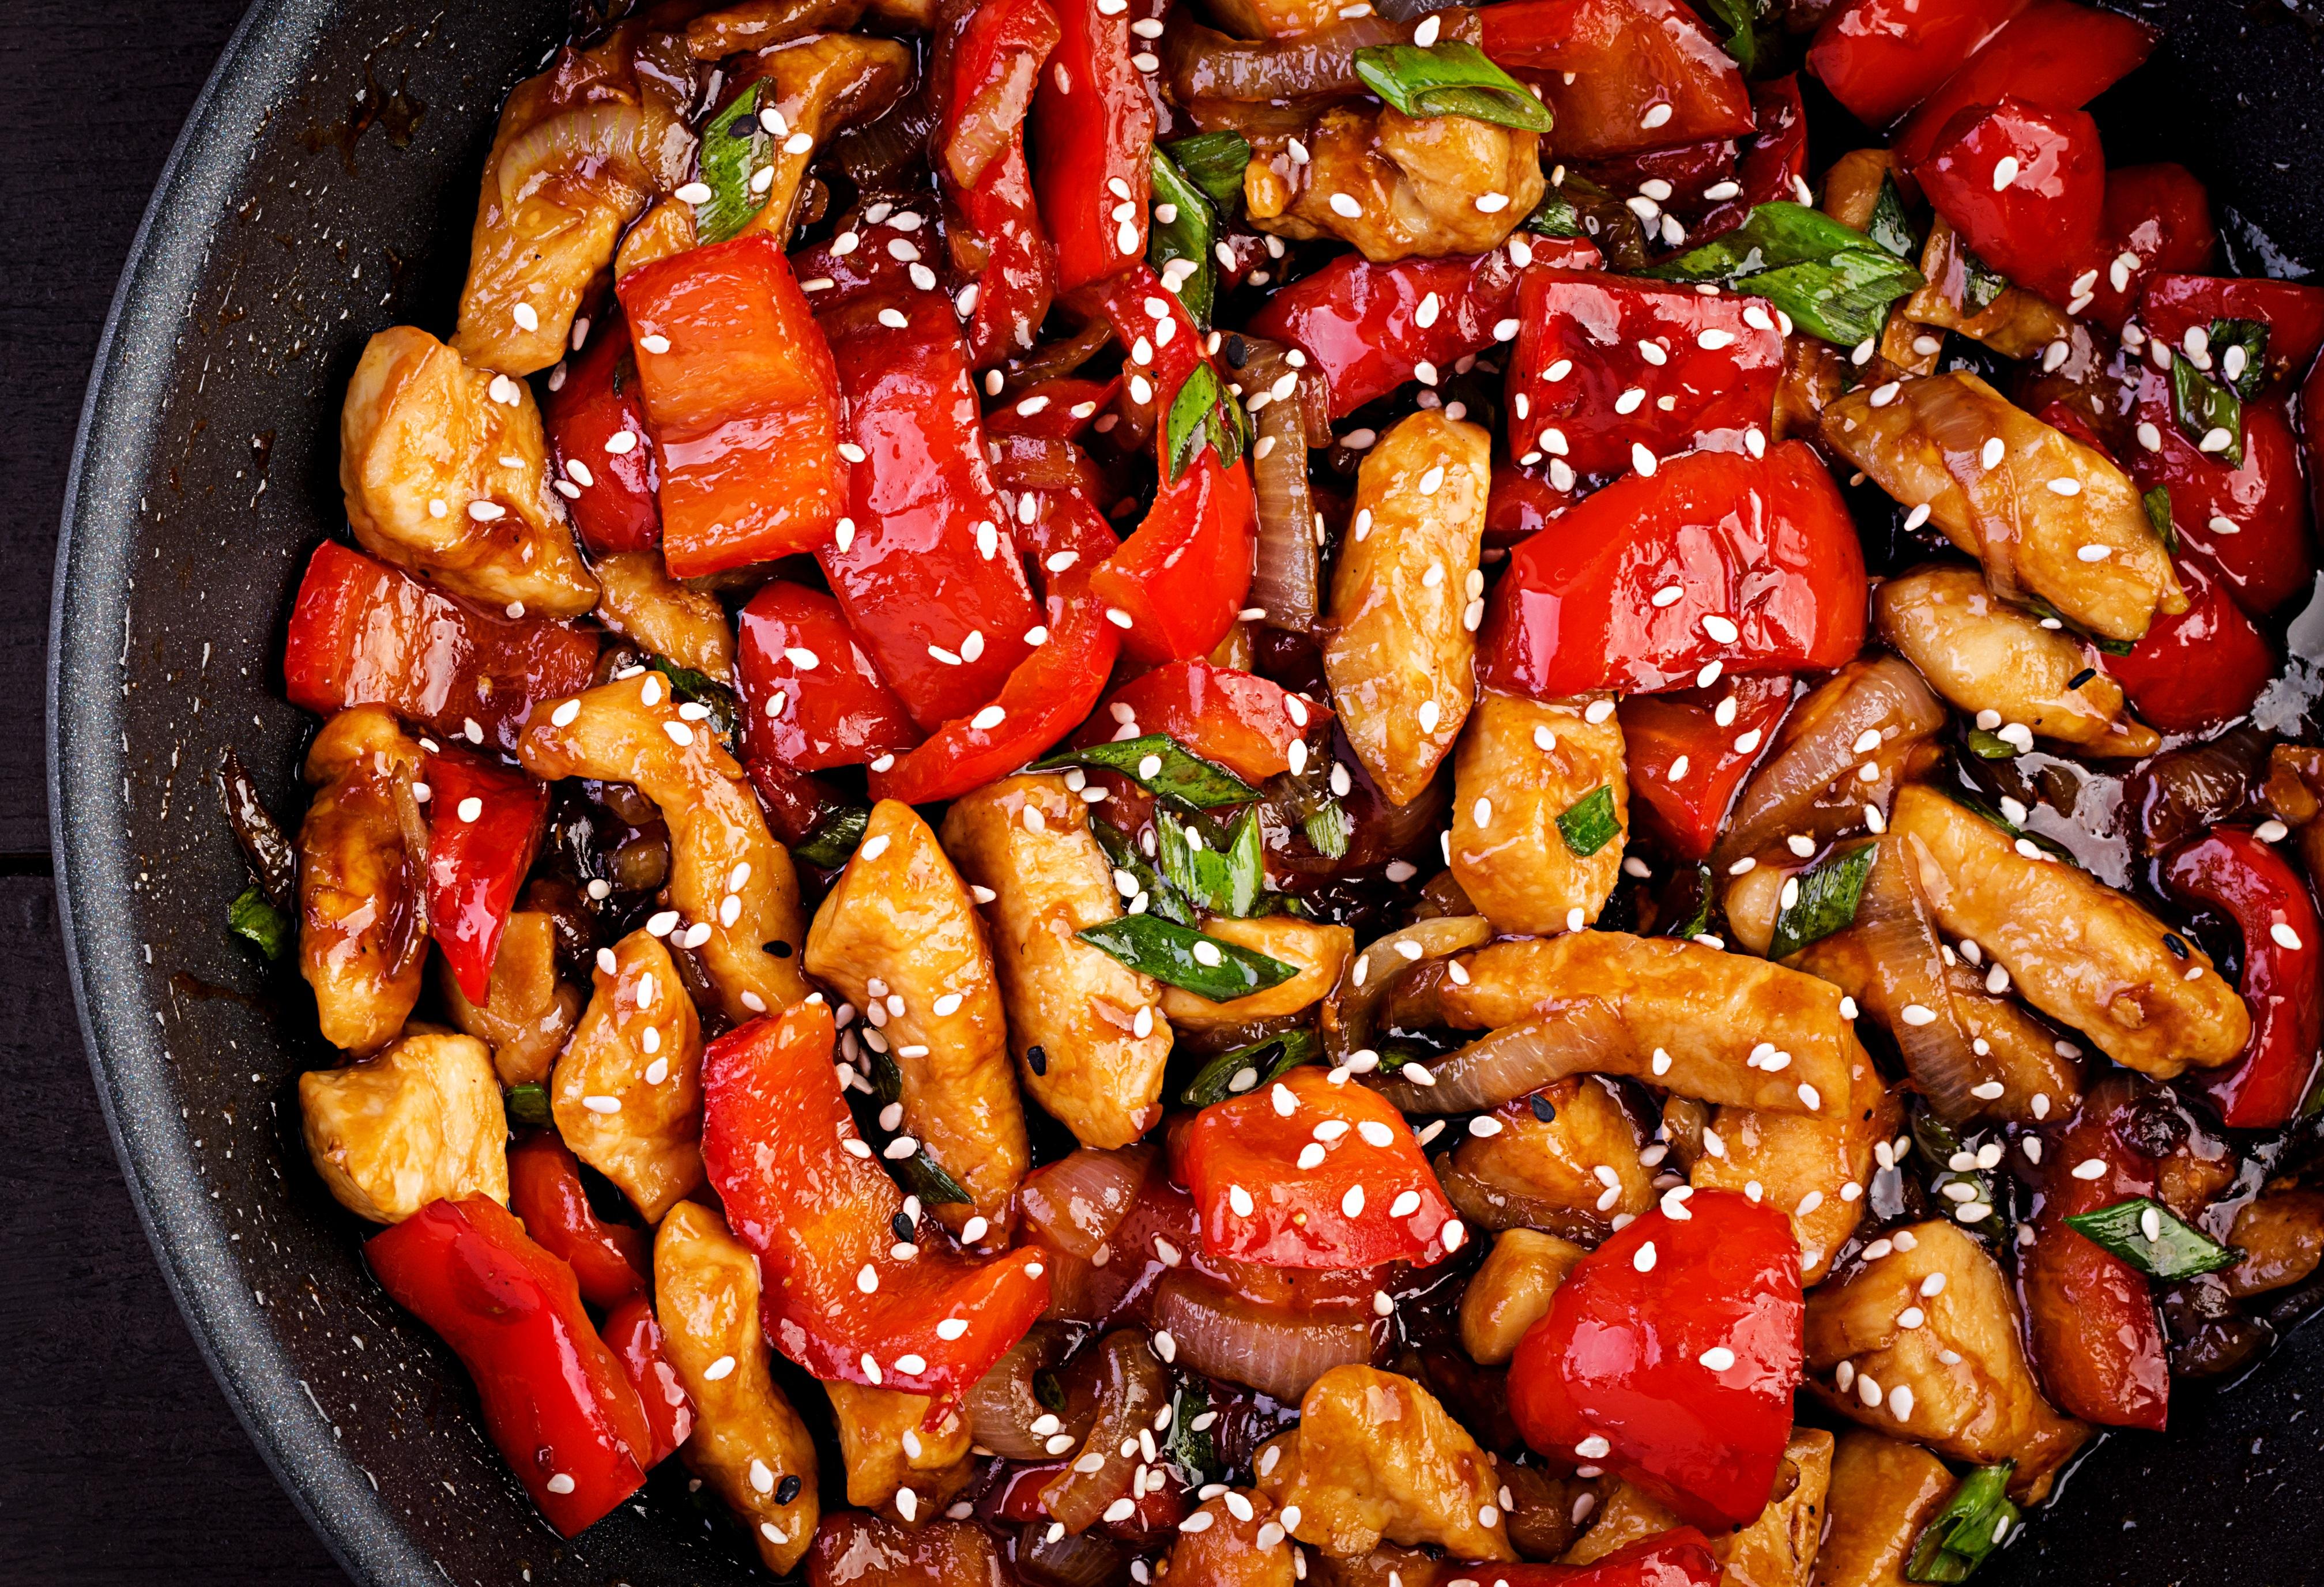 Szechuan-style Stir-fried Chicken (Gong Poh Kai Teng)